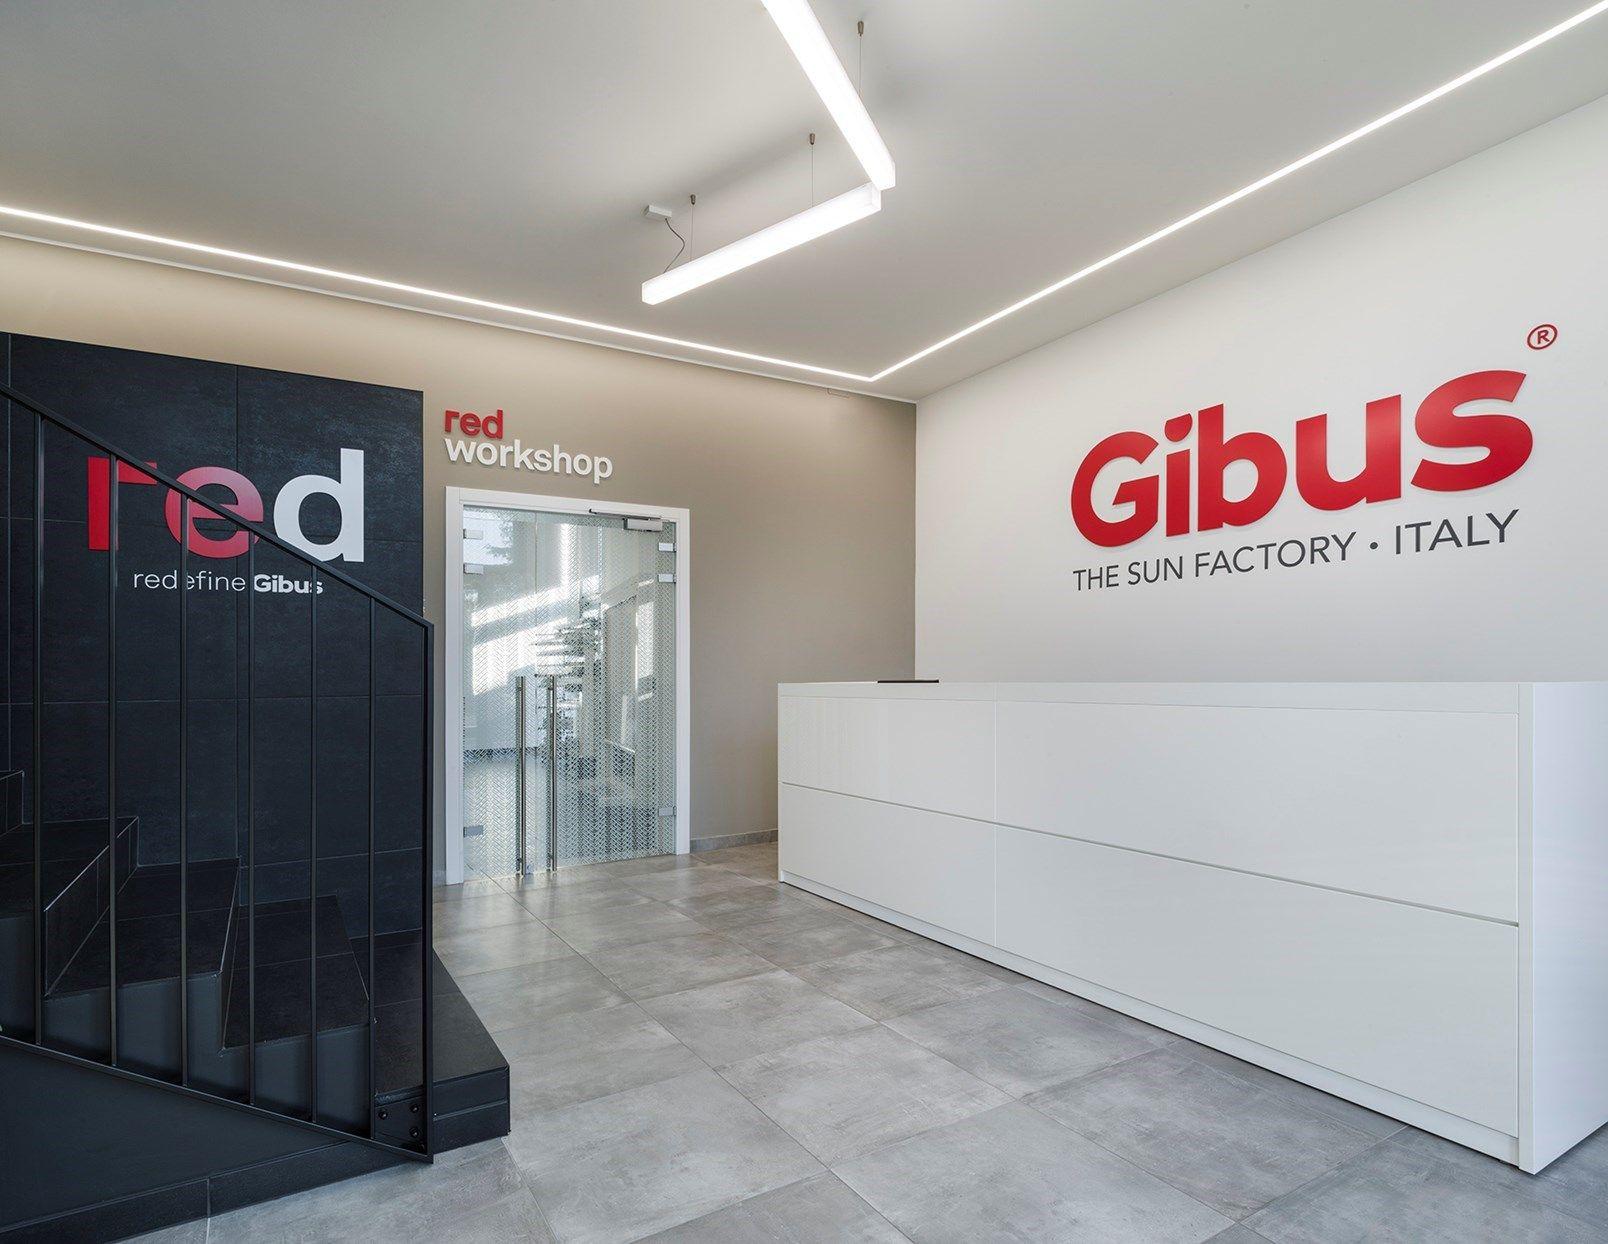 Gibus si aggiudica il riconoscimento 'Best Managed Companies' Deloitte